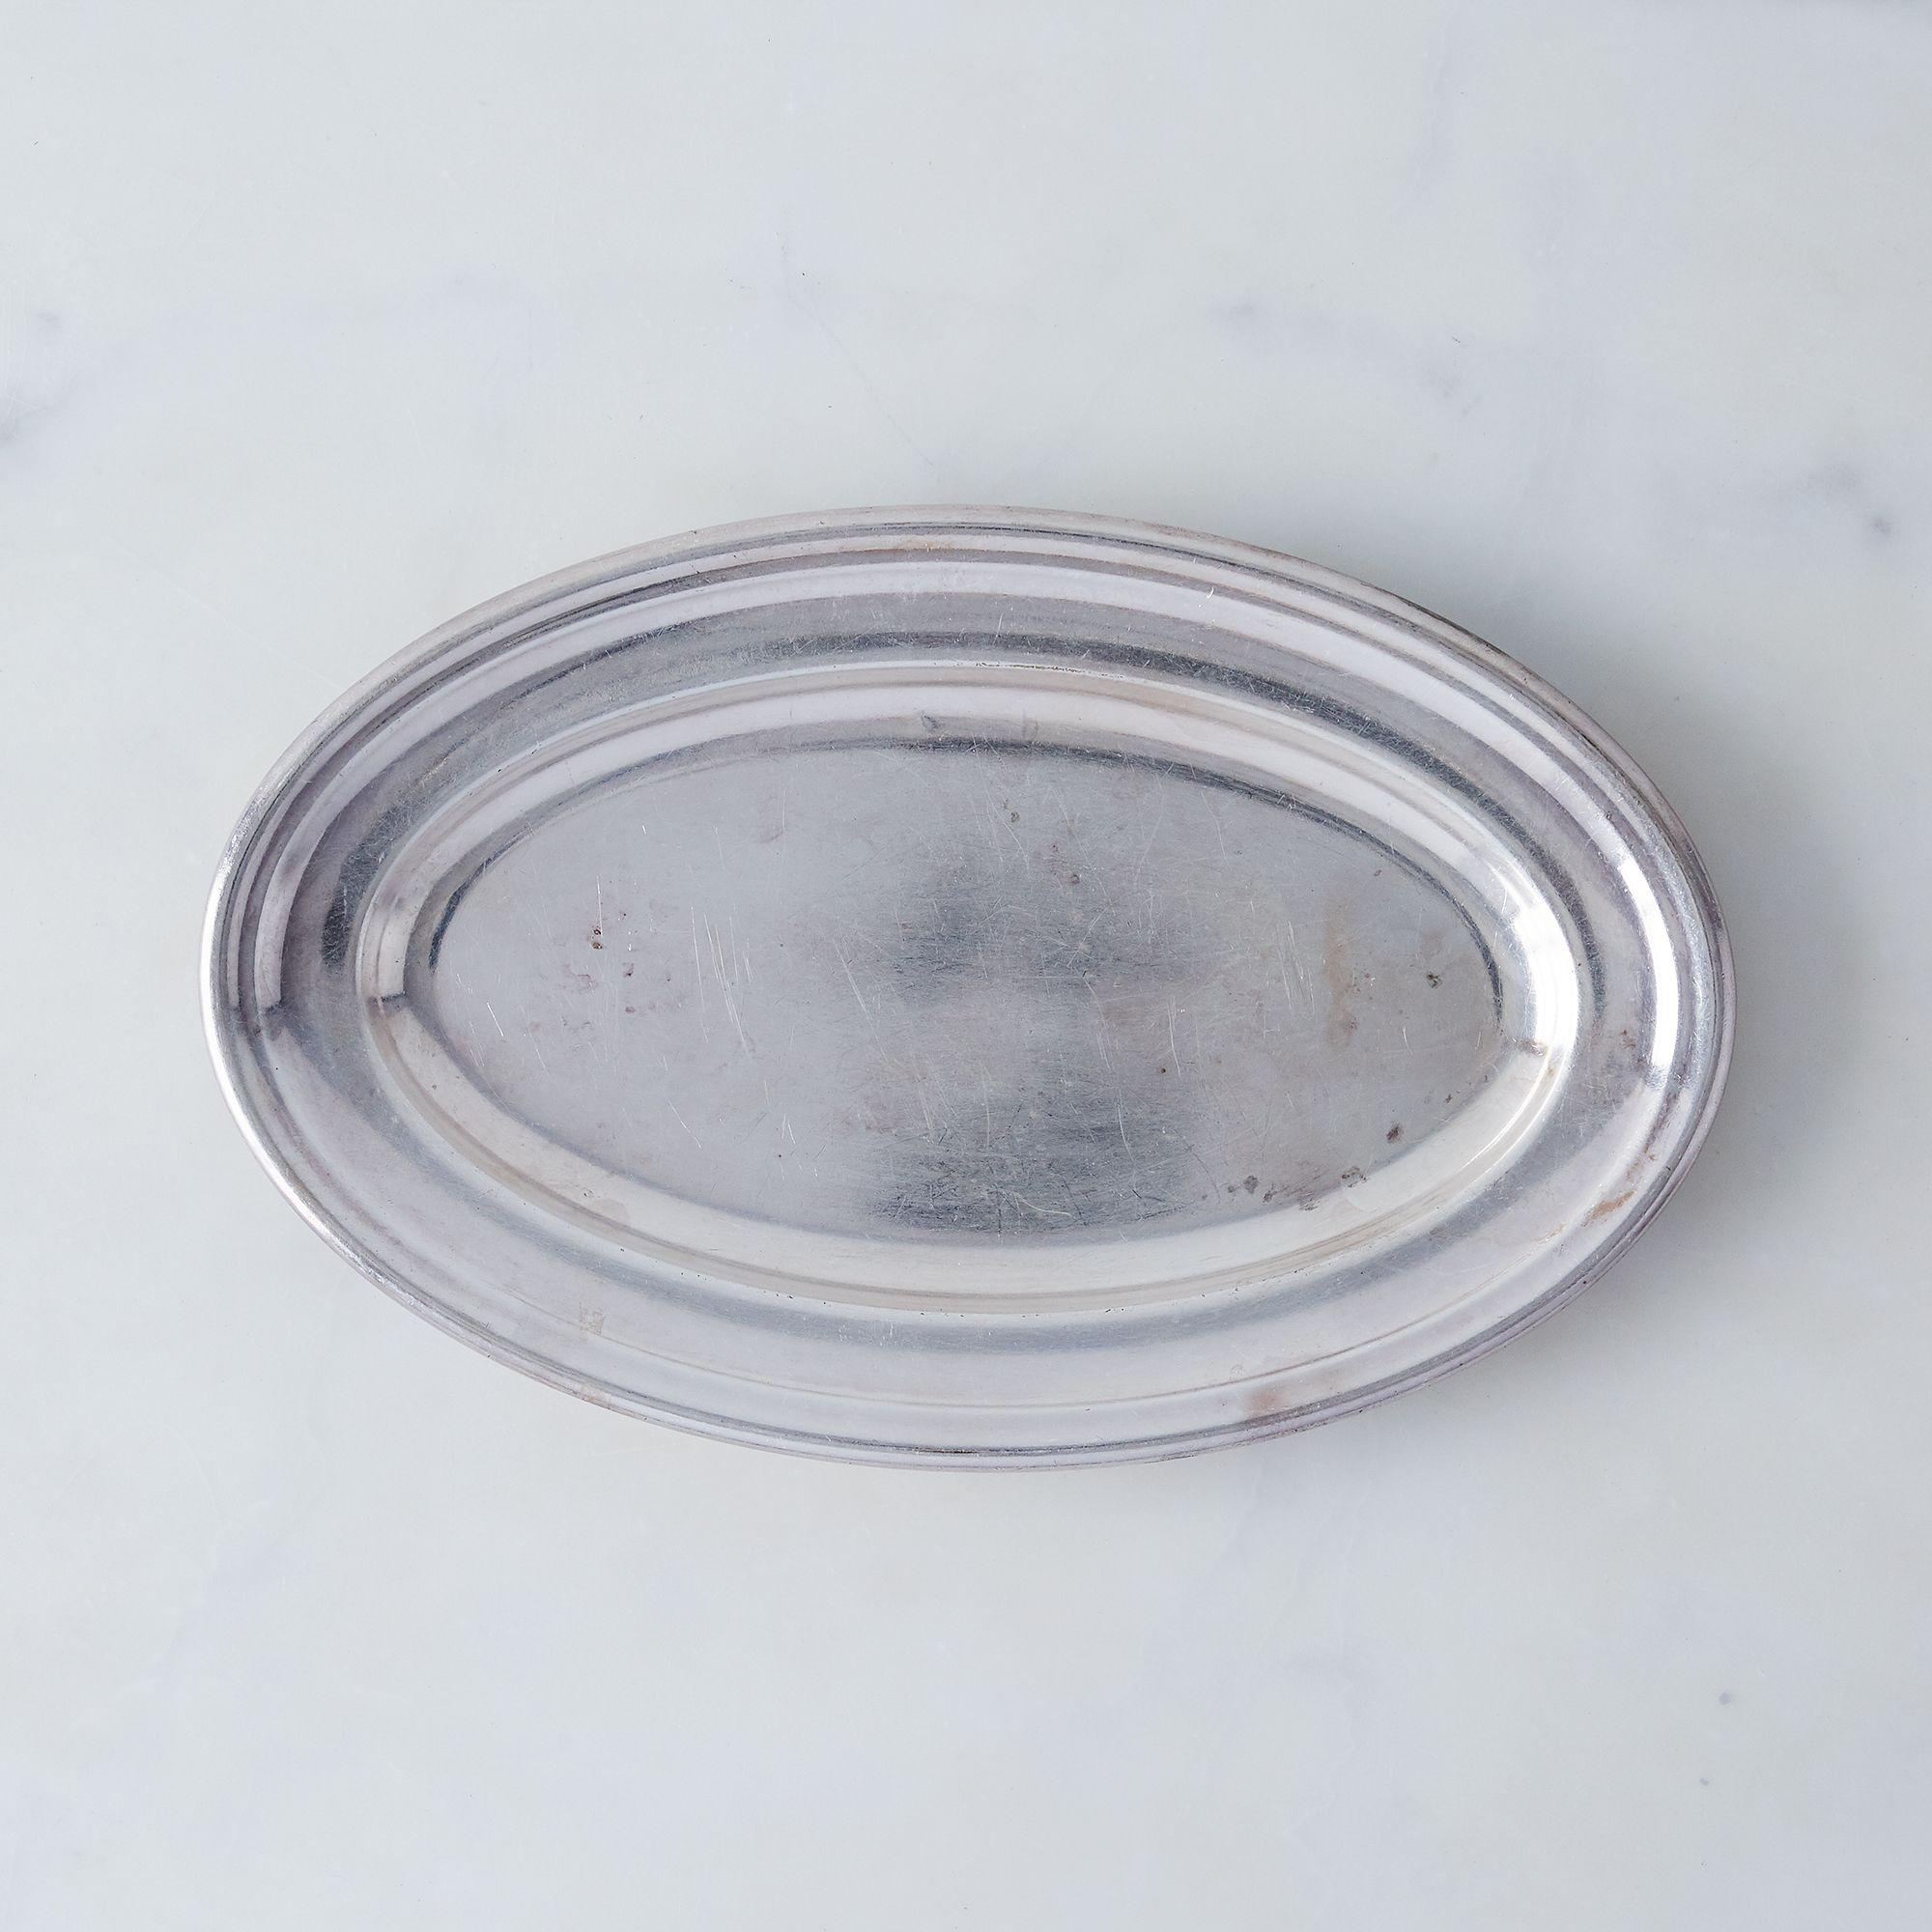 vintage french hotel silver platter serveware vintage elsie green shop food52 on food52 - Silver Hotel 2015